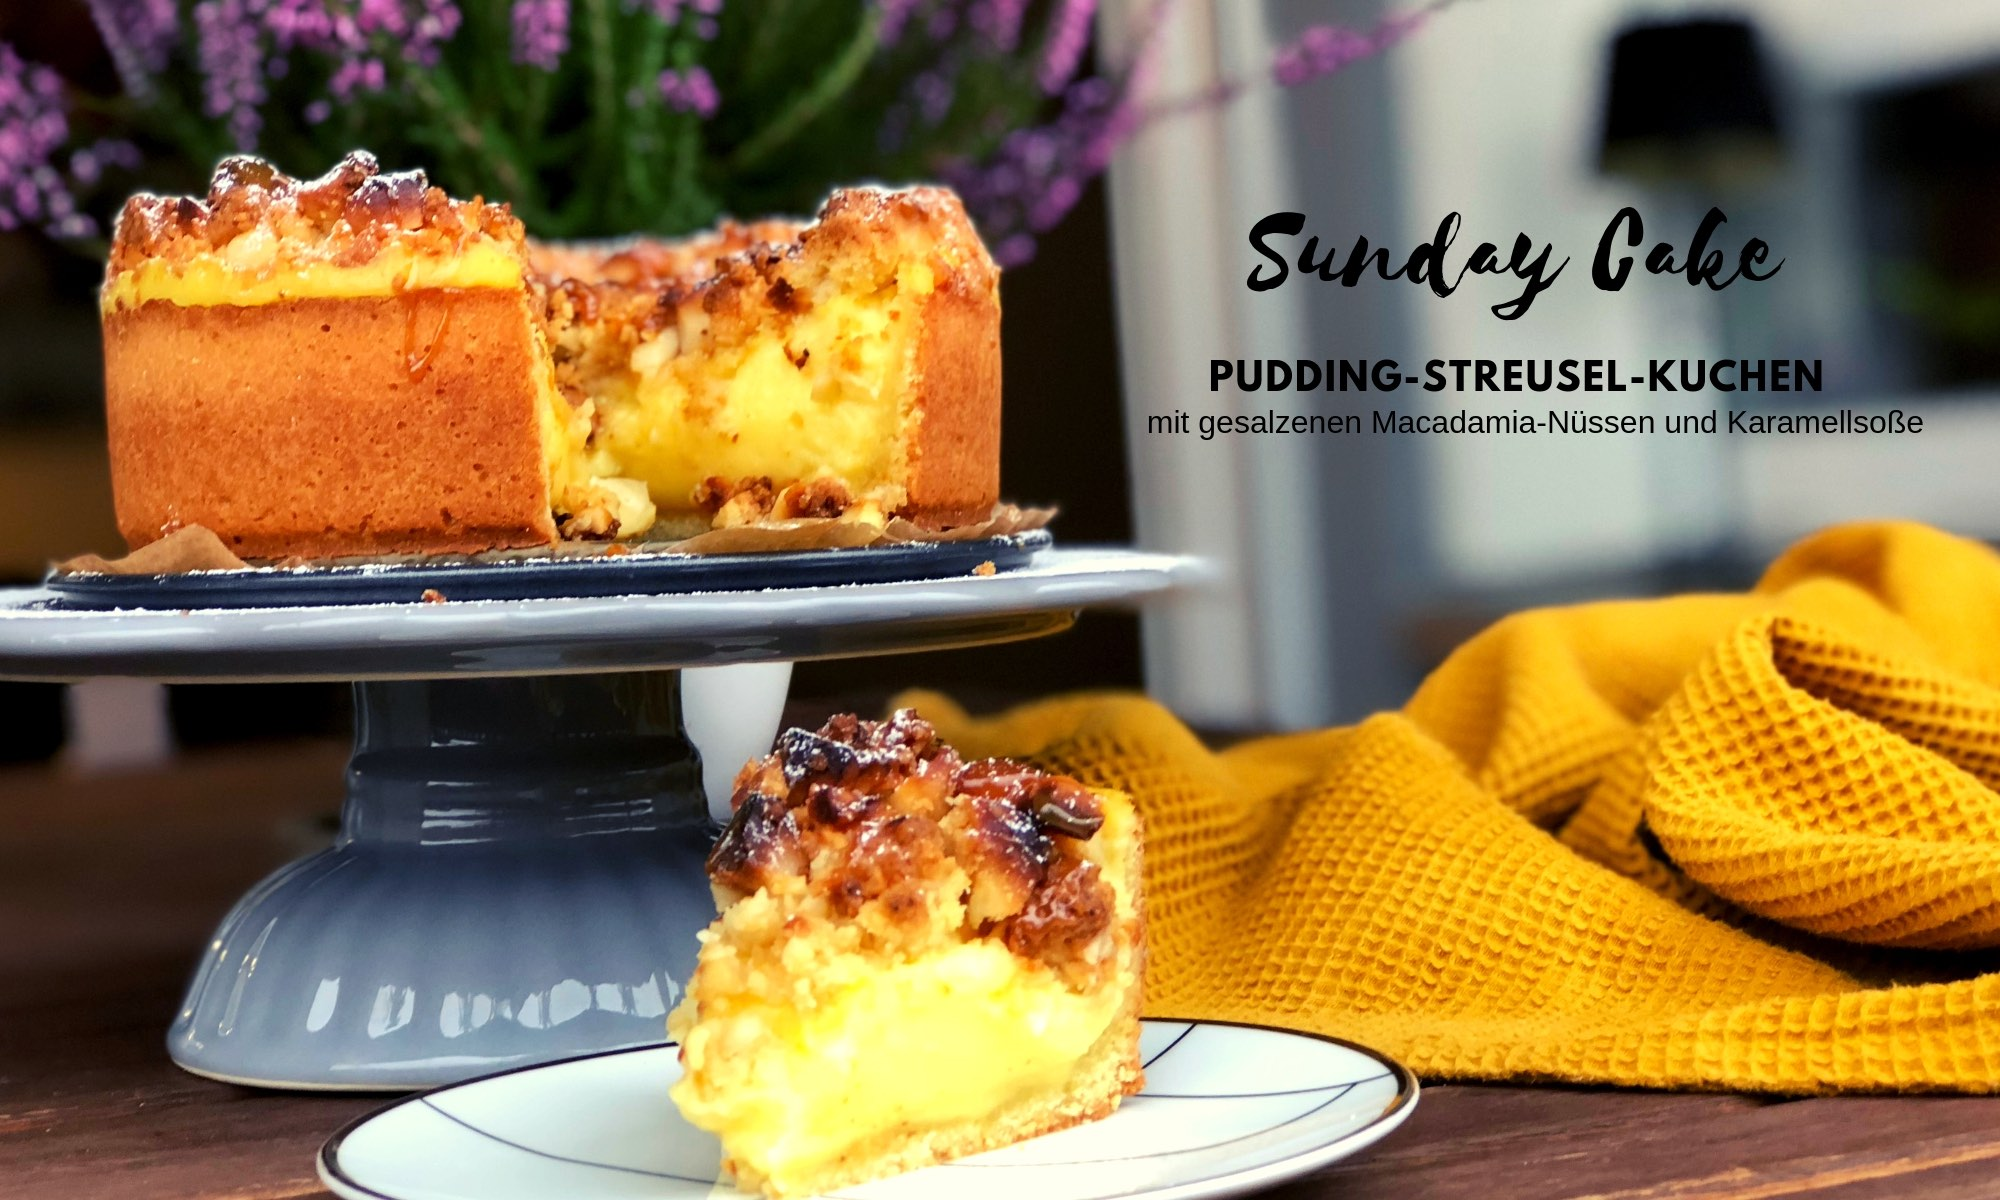 Pudding-Streusel-Kuchen